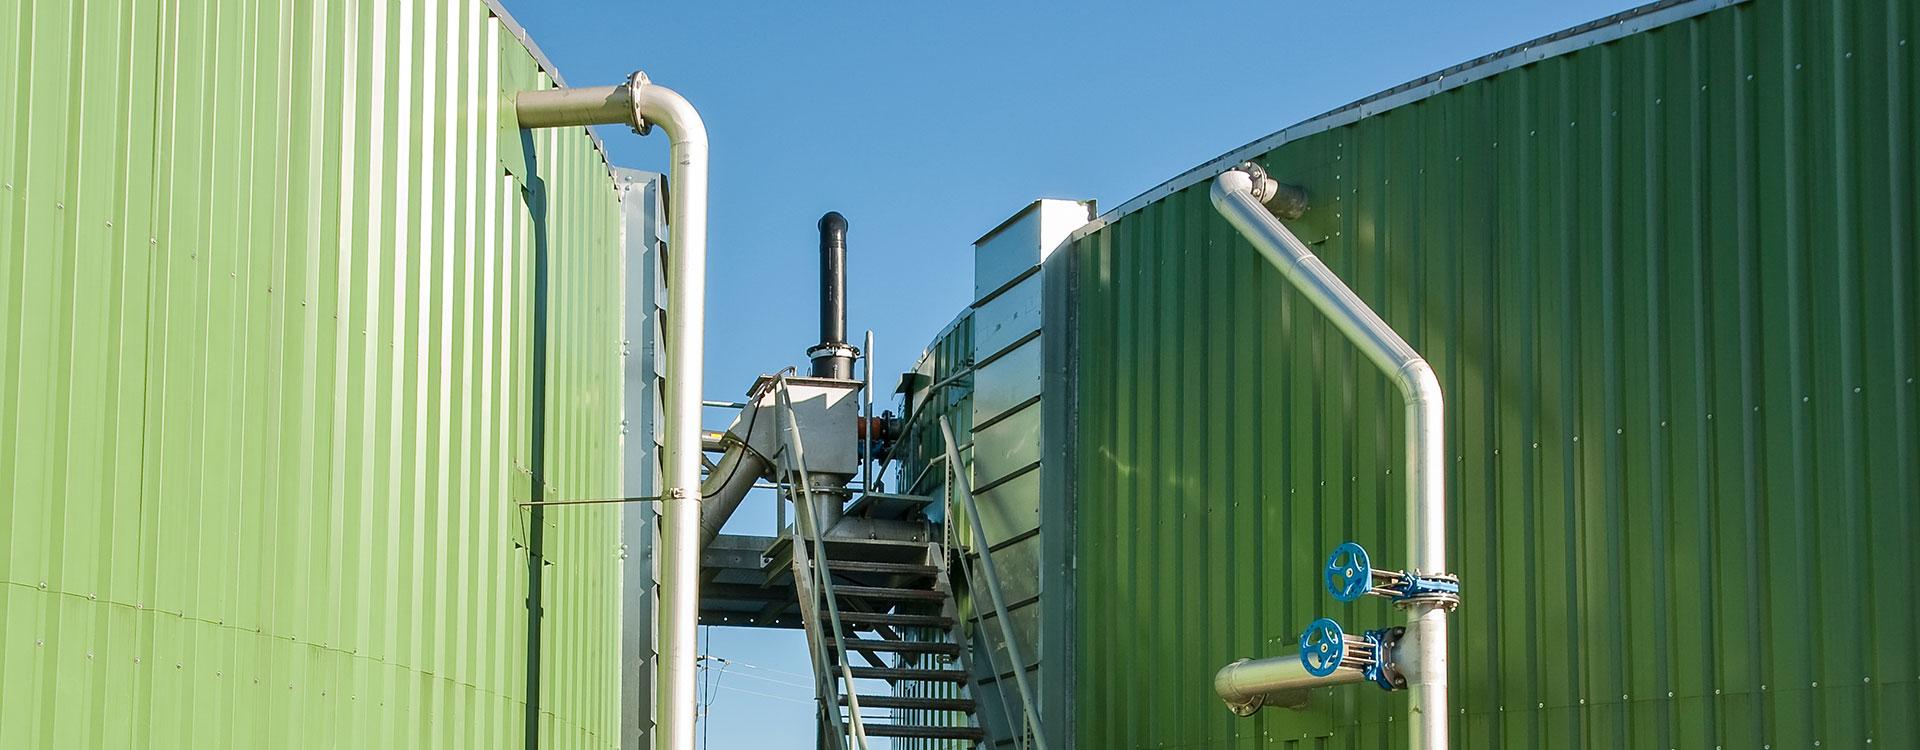 Lipp Universal pumping-technology